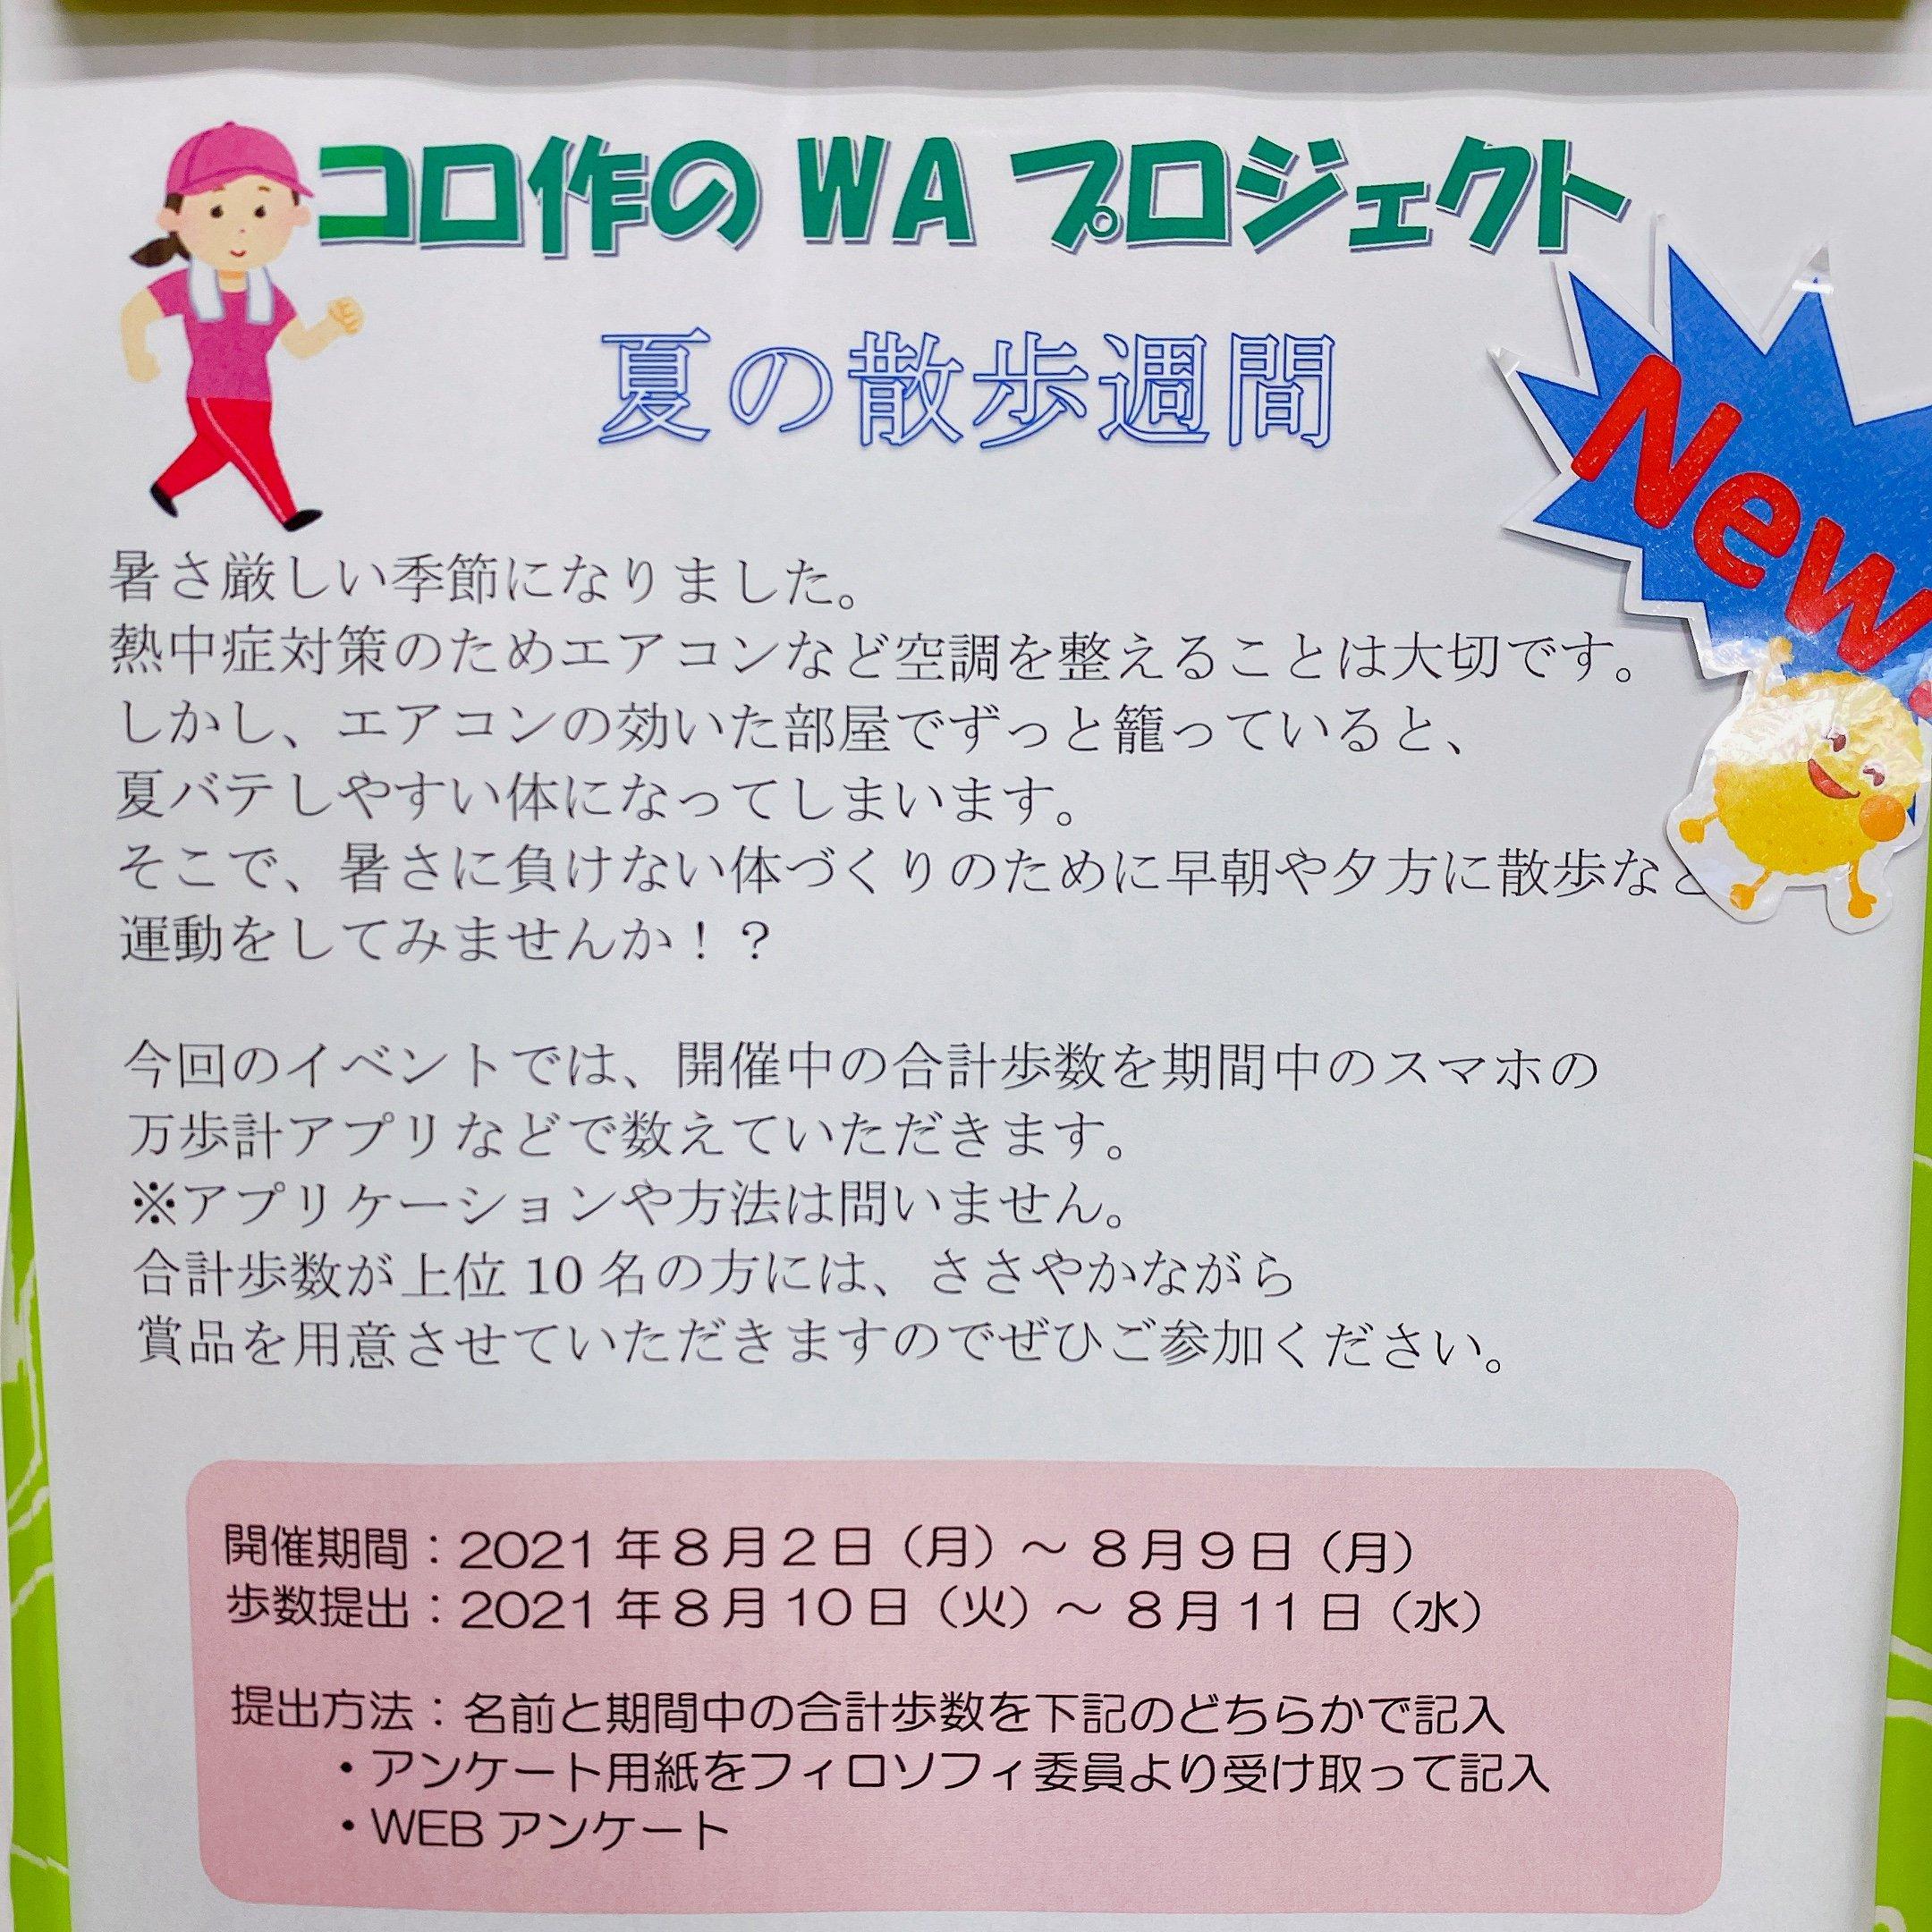 コロ作のWA(散歩).jpeg